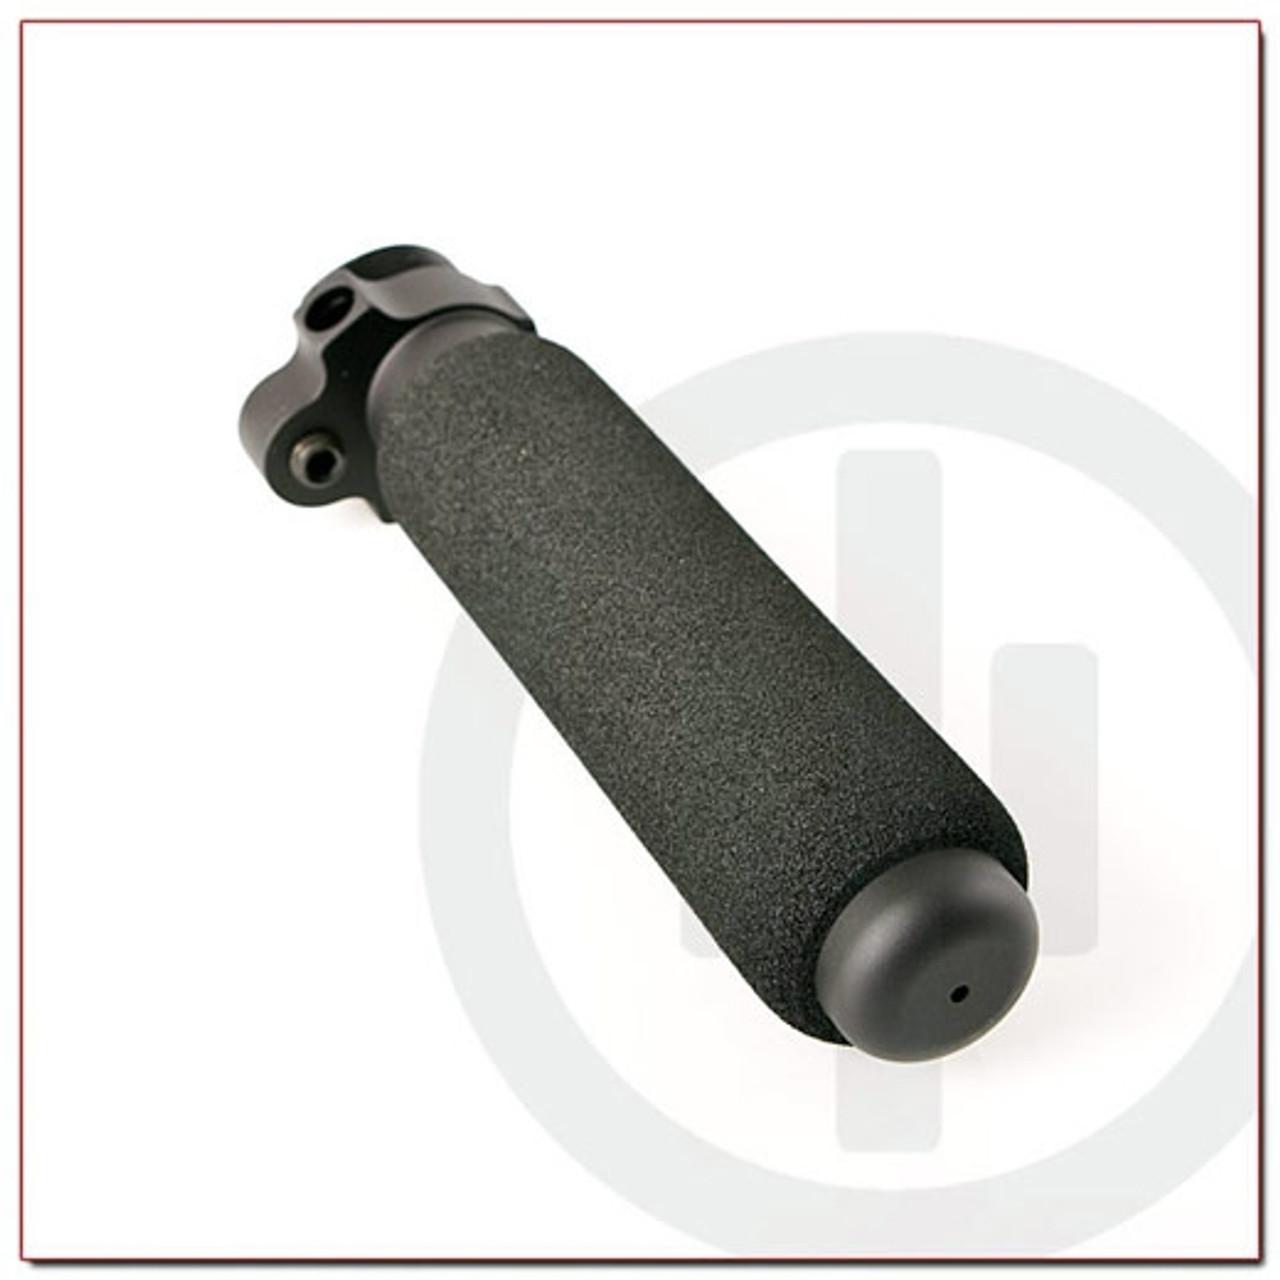 PWS - Enhanced Buffer Tube, Pistol